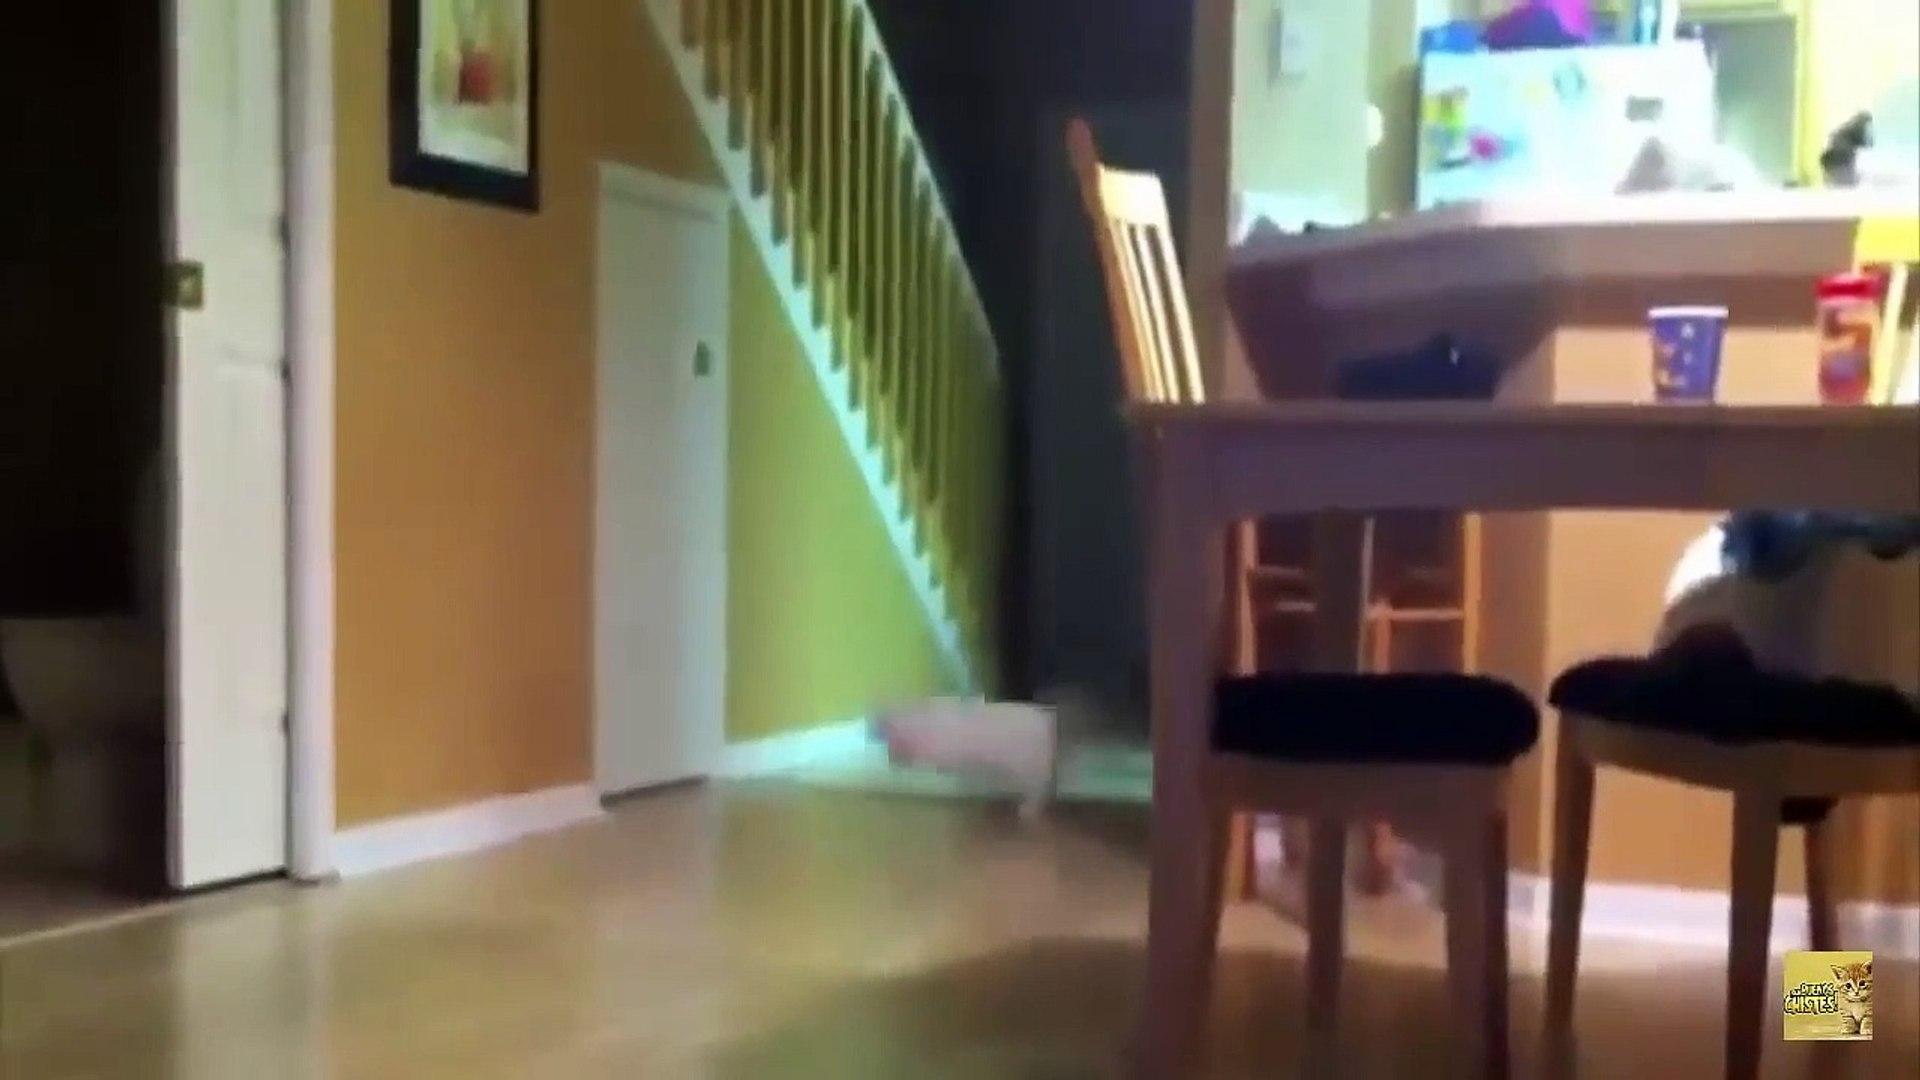 Videos Graciosos 2018 - Videos de Risa de Gatos Chistosos